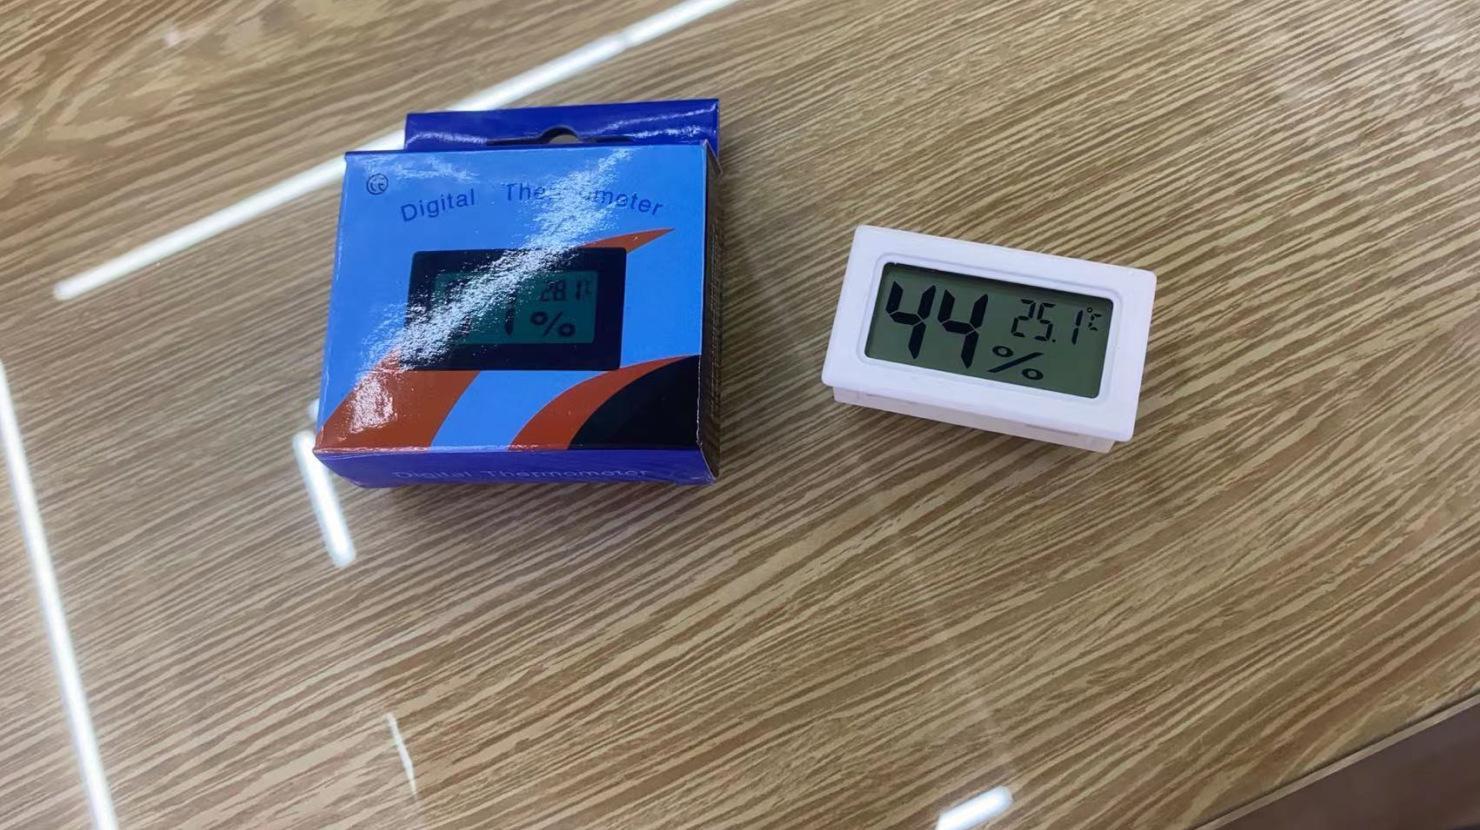 Usine Température Mini Électronique Digital Display Intérieur Extérieur Pet Crawler Sans fil Humidité Compteur